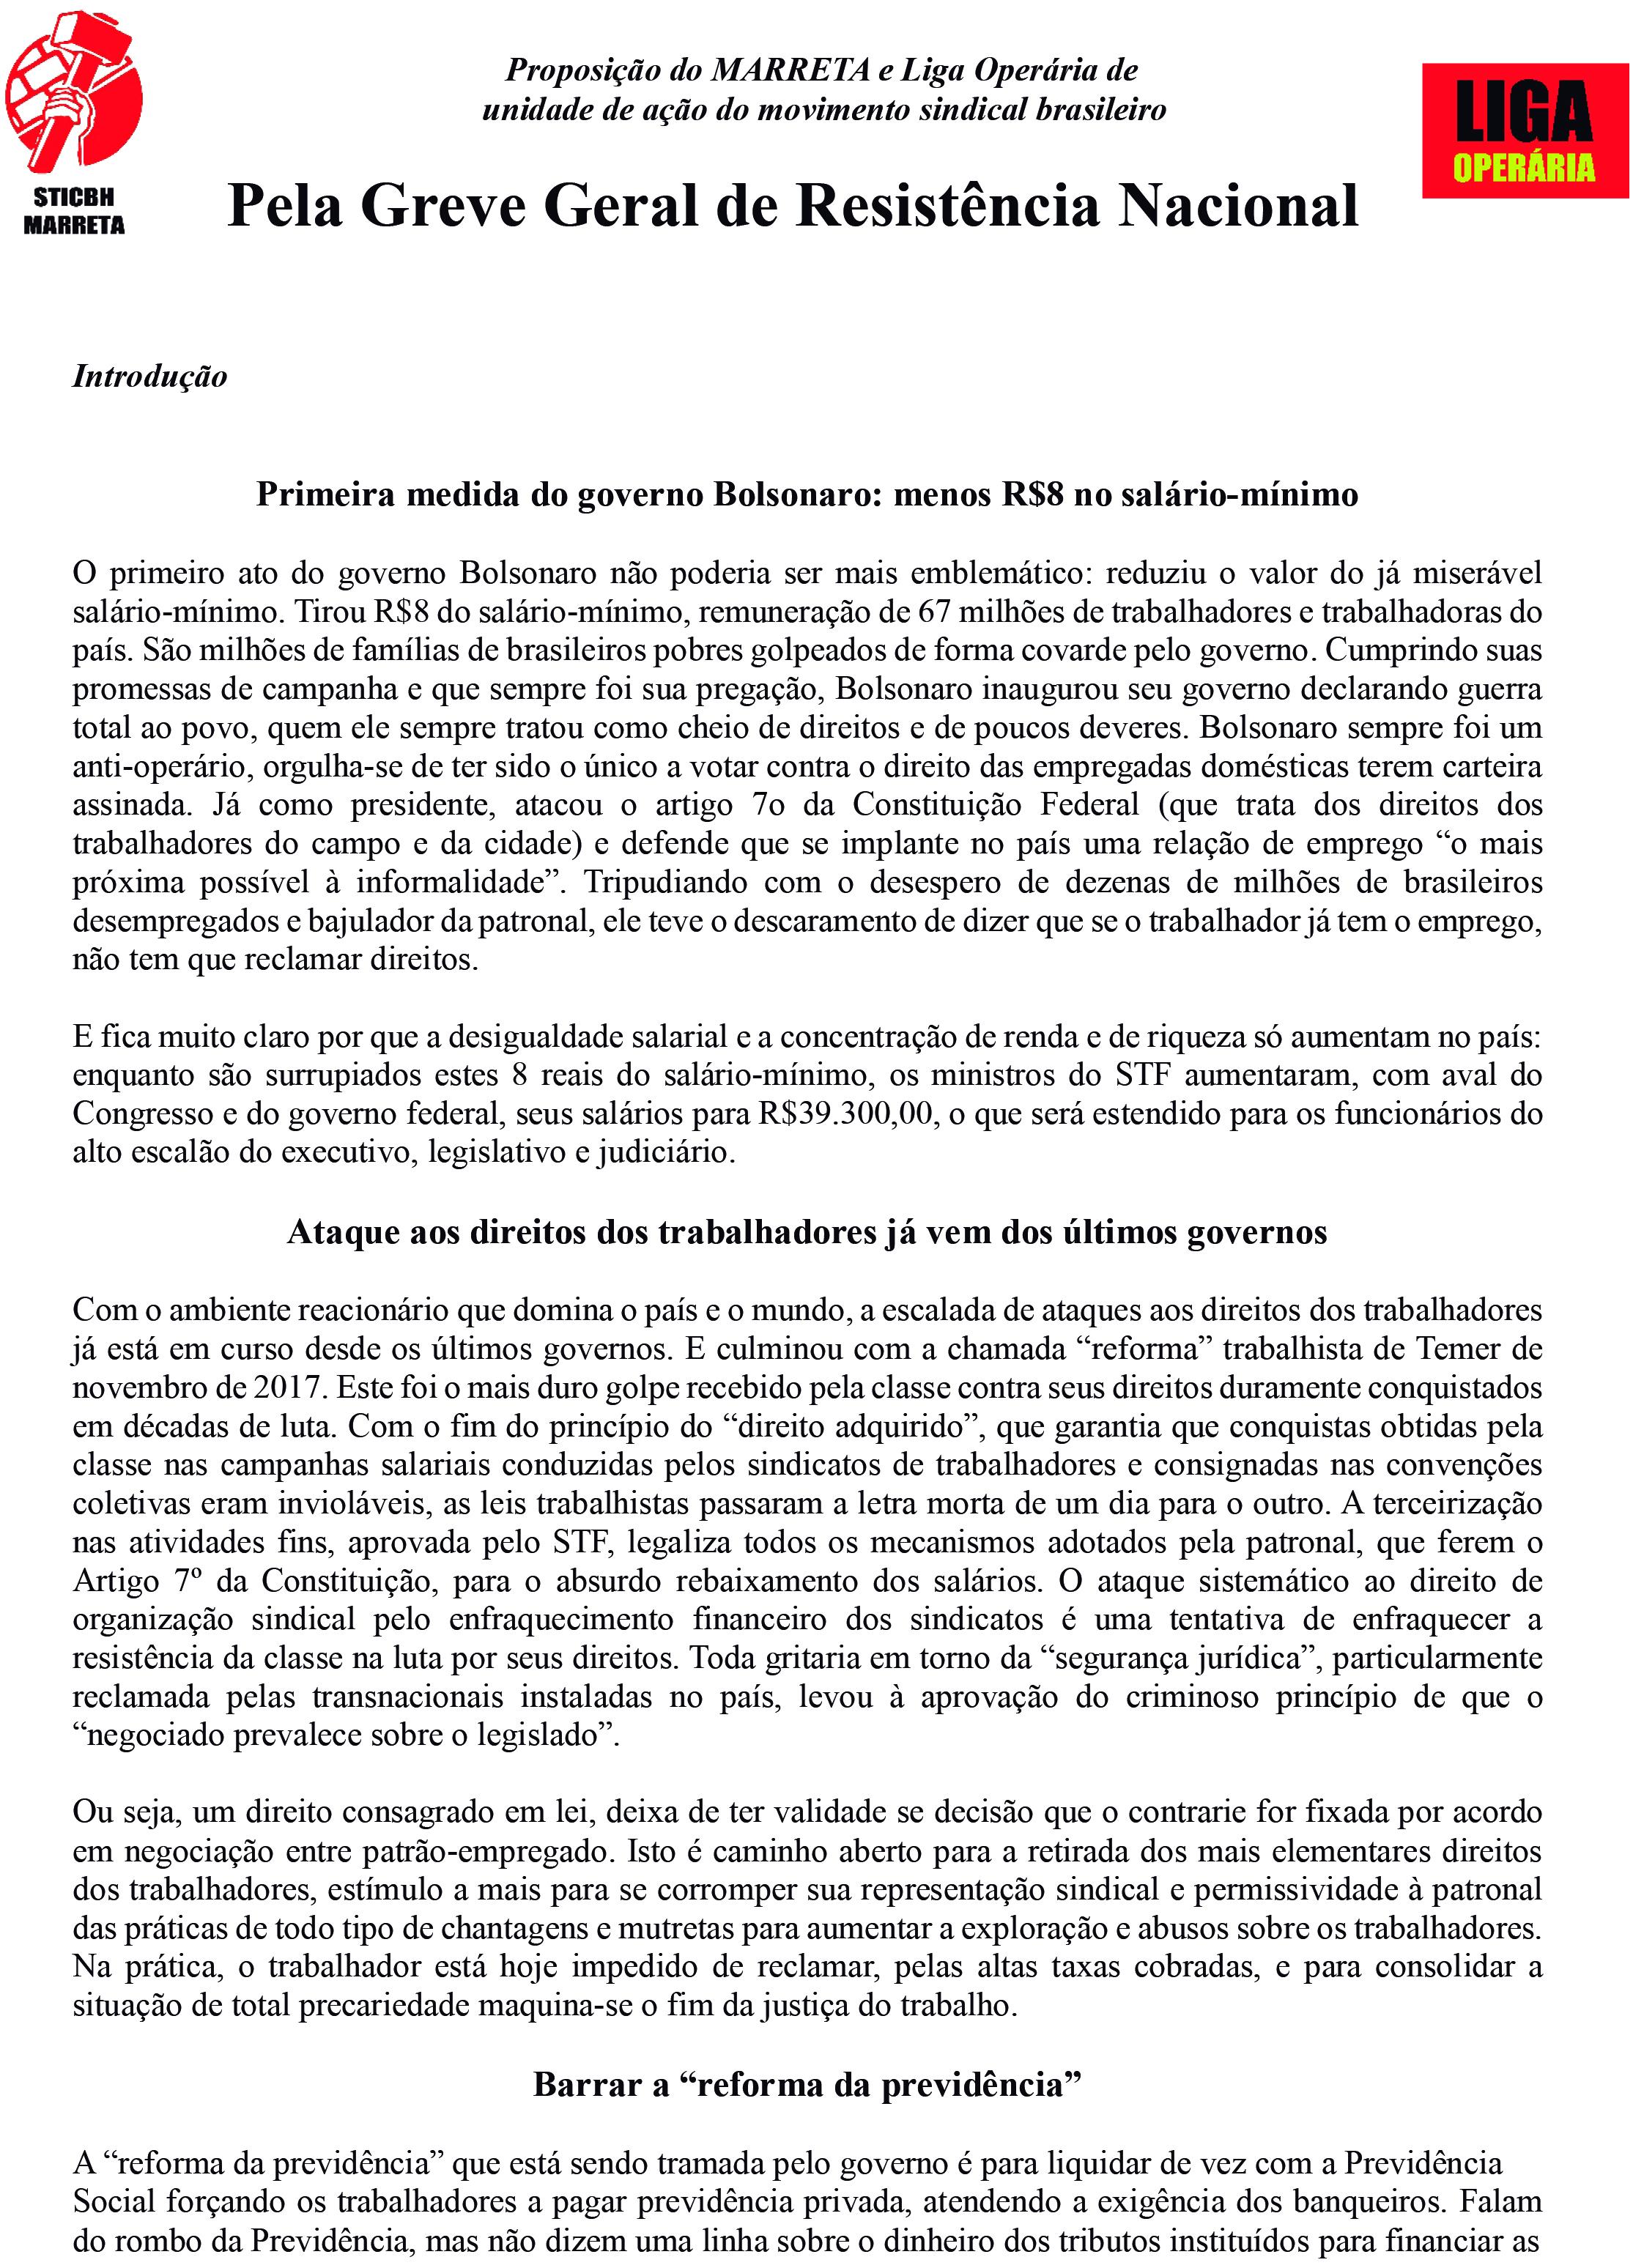 Proposição do MARRETA e da Liga Operária: PELA GREVE GERAL DE RESISTÊNCIA NACIONAL